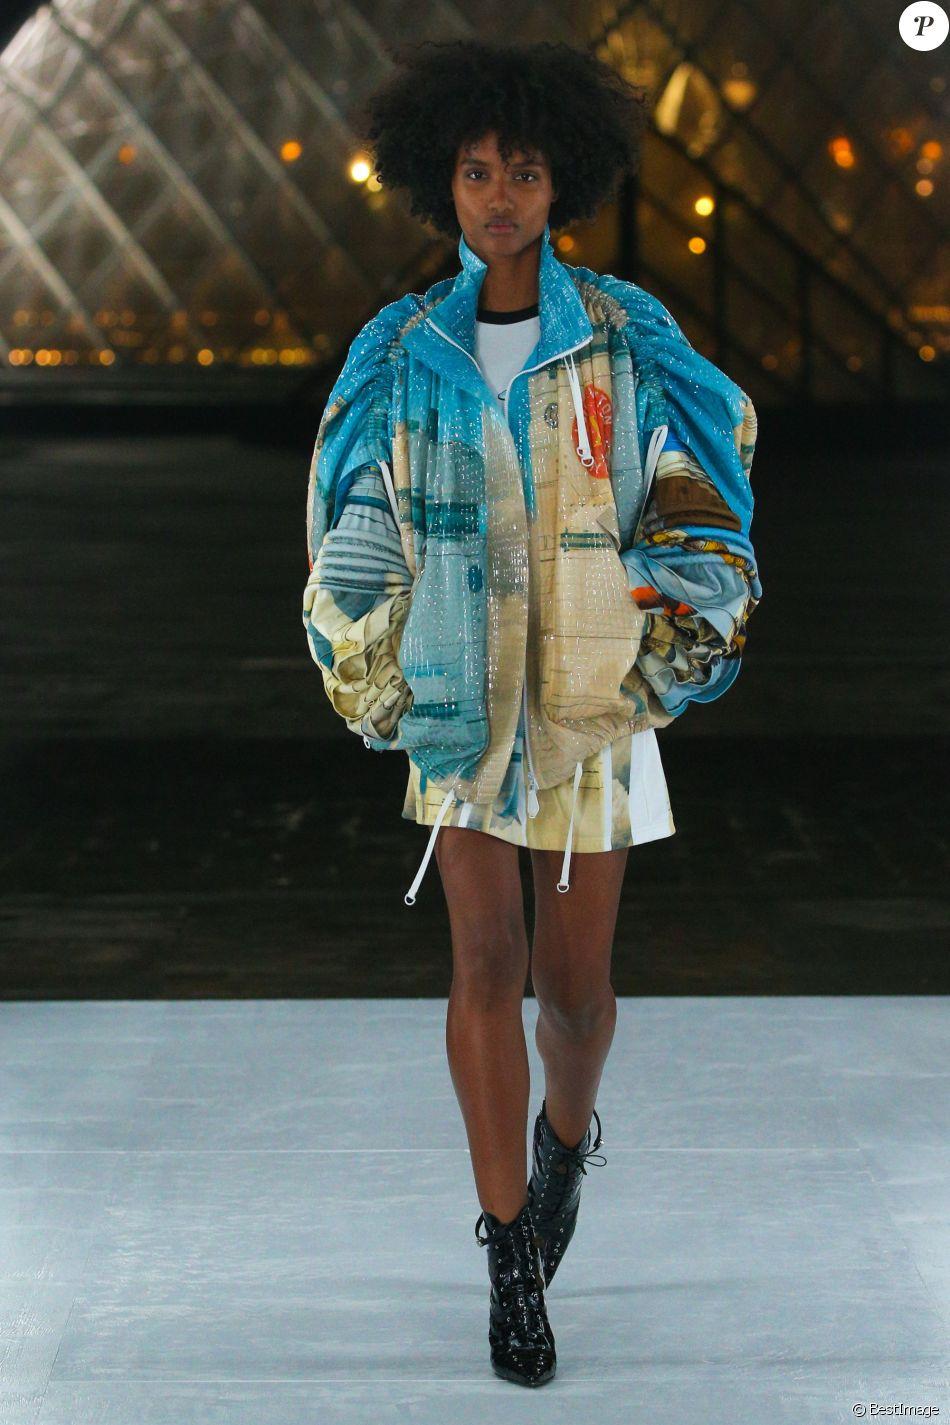 Défilé de mode printemps,été 2019 \u0026quot;Louis Vuitton\u0026quot; à Paris.